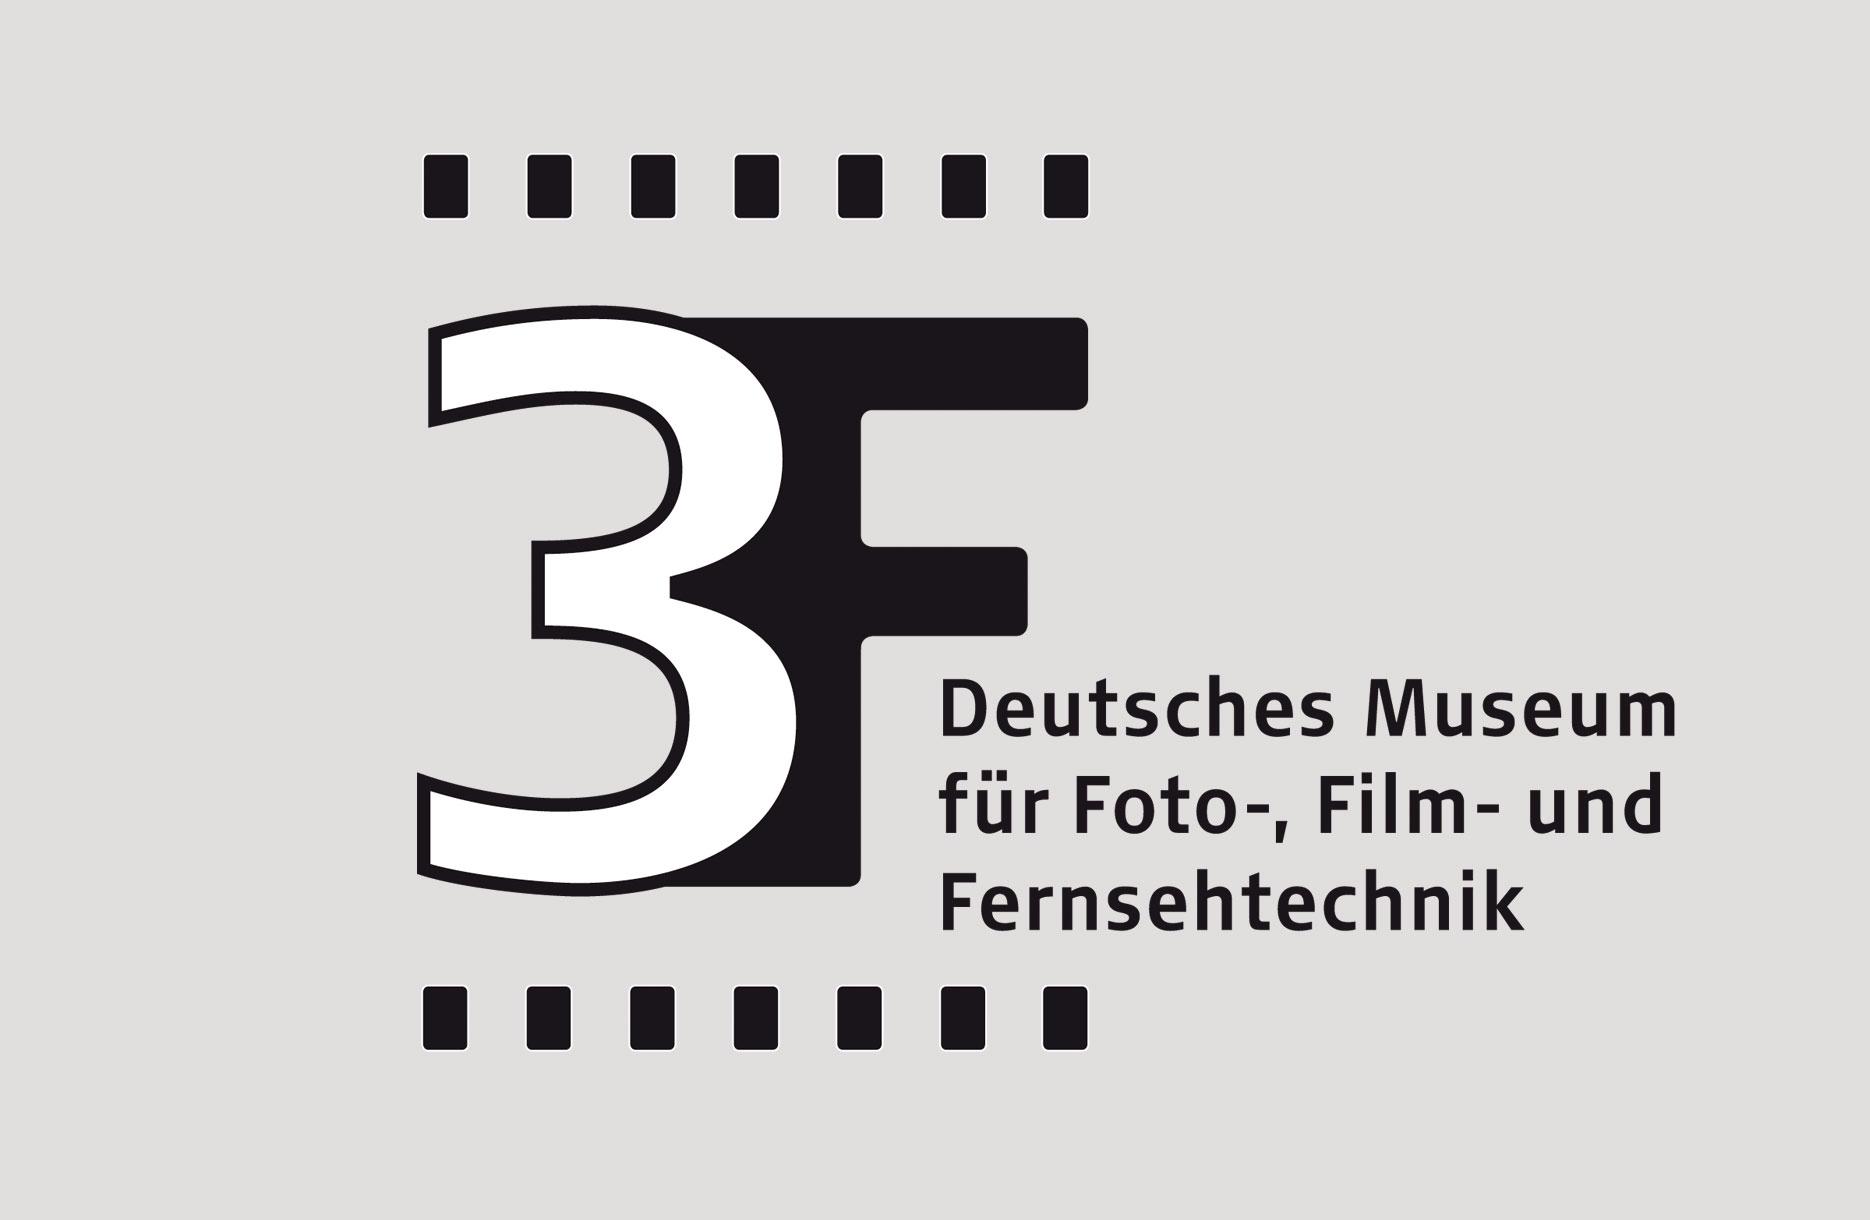 Deutsches Museum für Foto- Film- und Fernsehtechnik